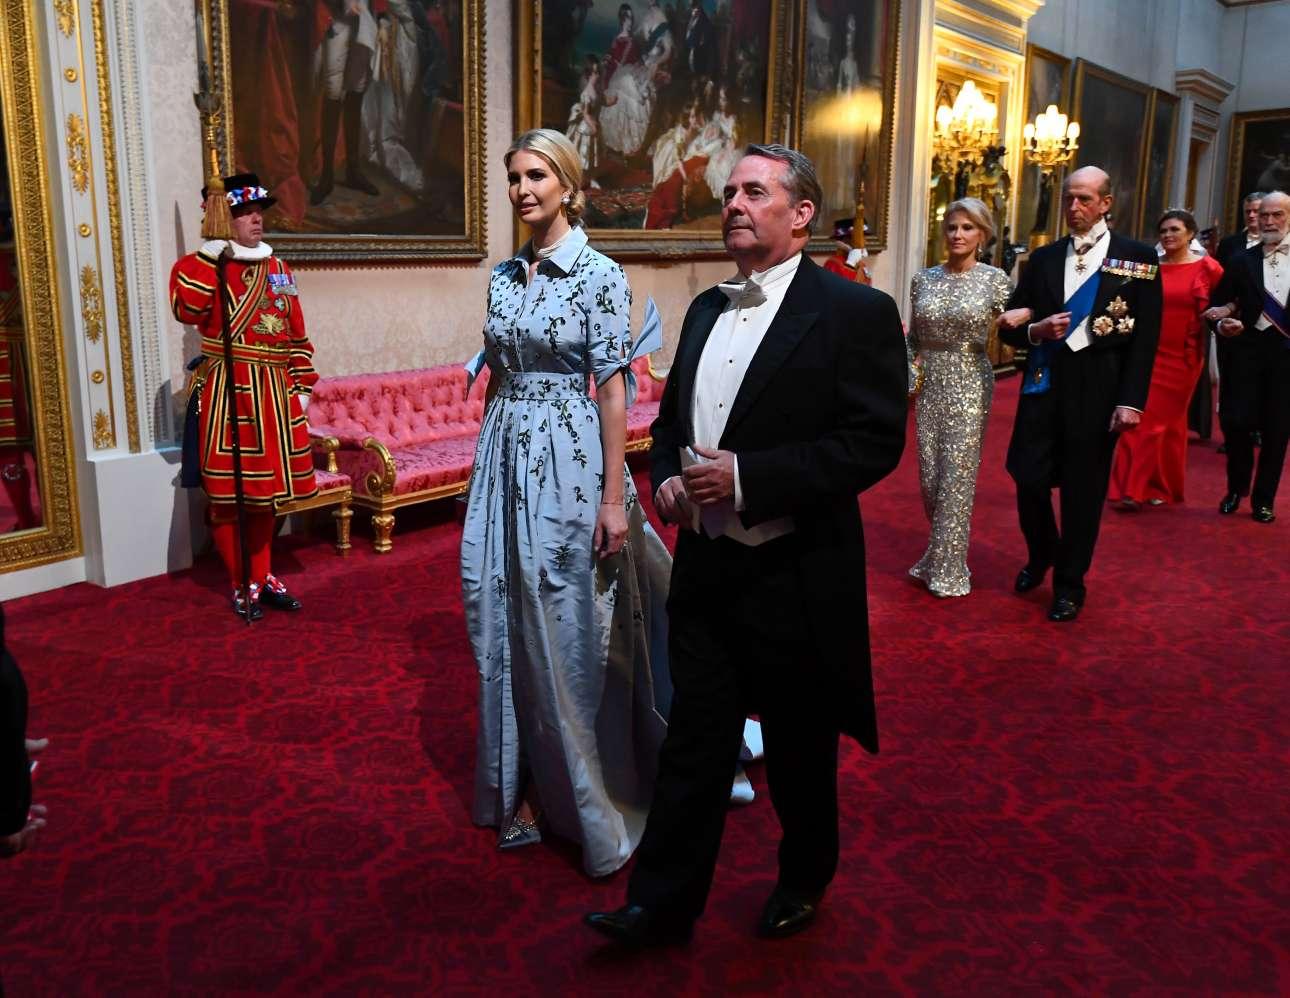 Η Ιβάνκα Τραμπ και ο βρετανός υπουργός Διεθνούς Εμπορίου Λίαμ Φοξ προσέρχονται στο δείπνο